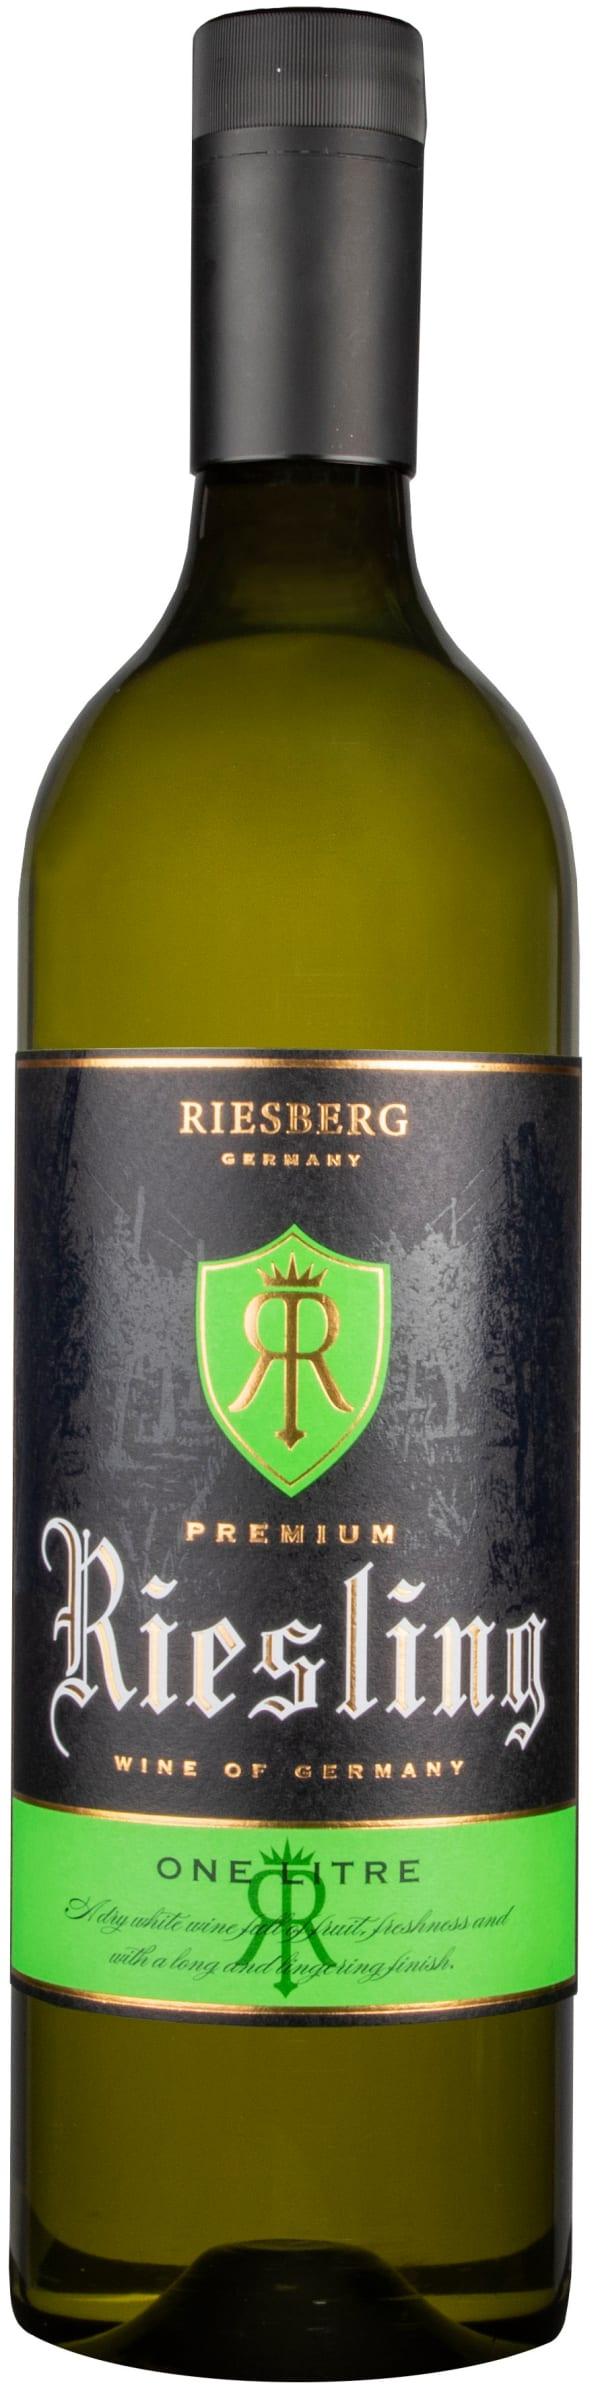 Riesberg Premium Riesling 2018 plastic bottle